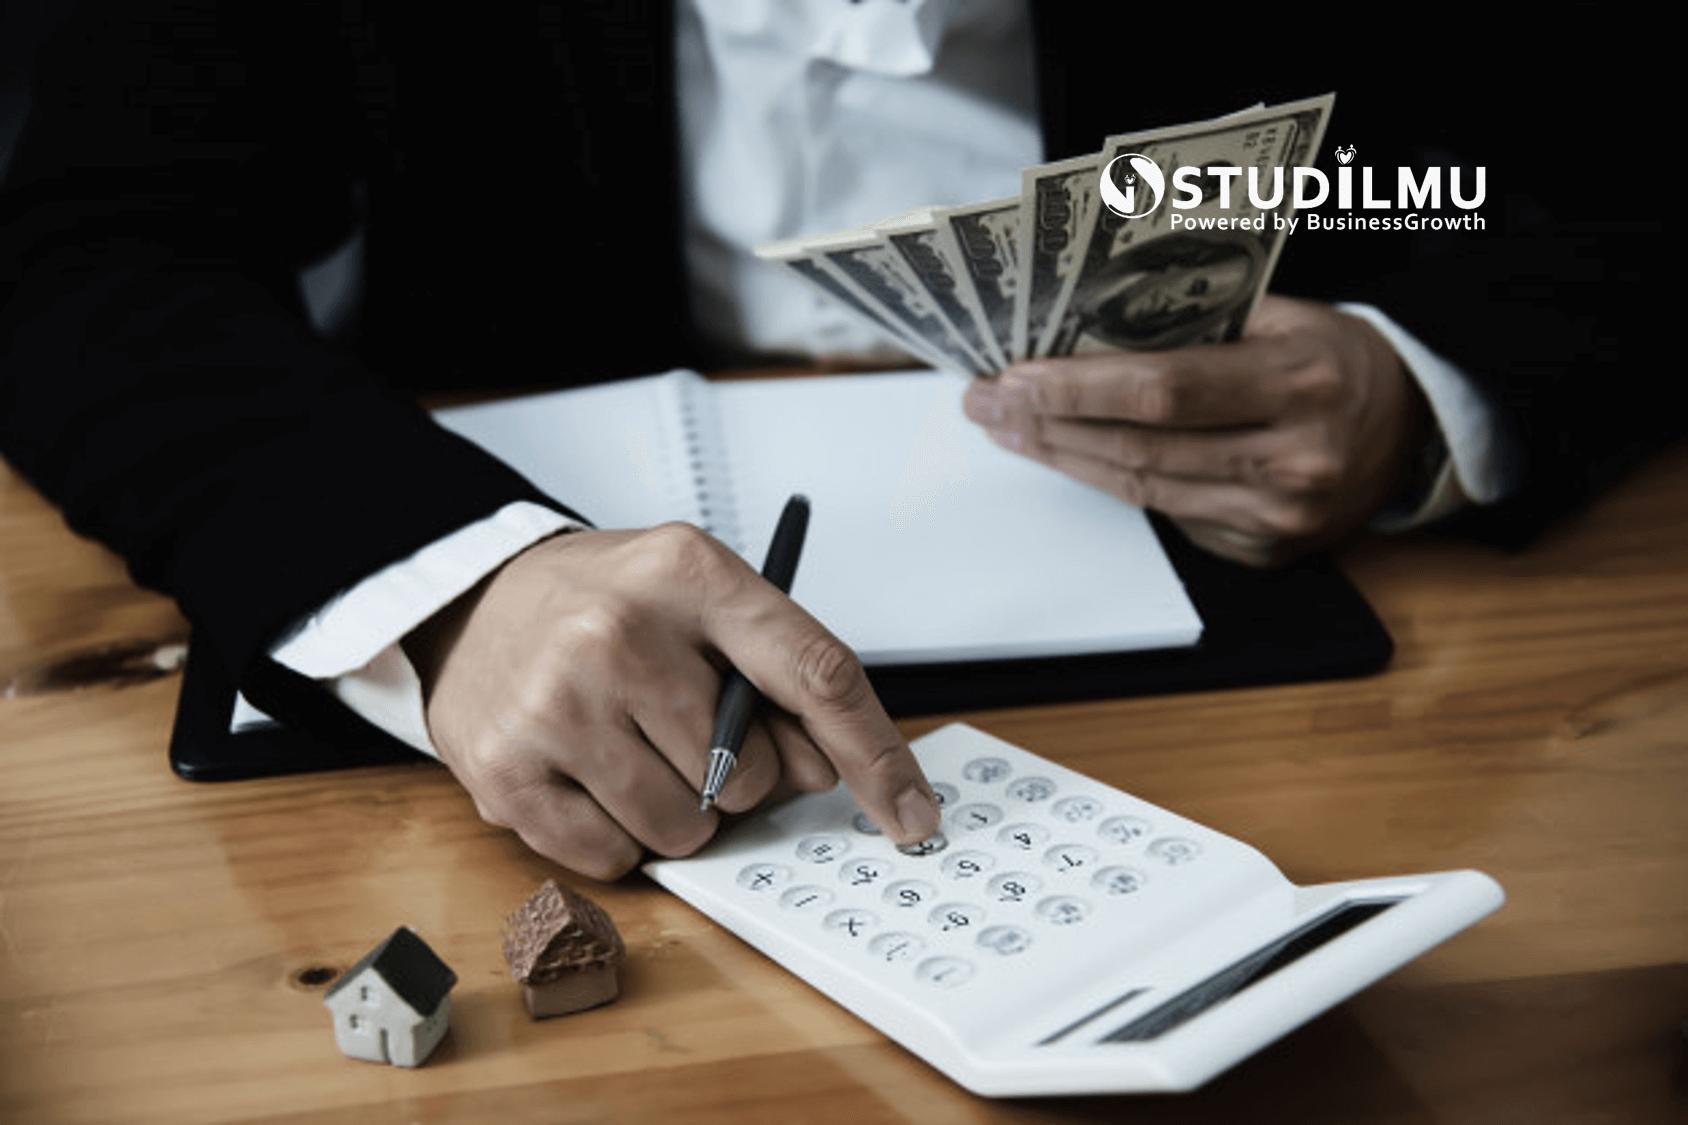 Manajemen Keuangan, Manfaat dan Tips Manajemen Keuangan untuk Karyawan